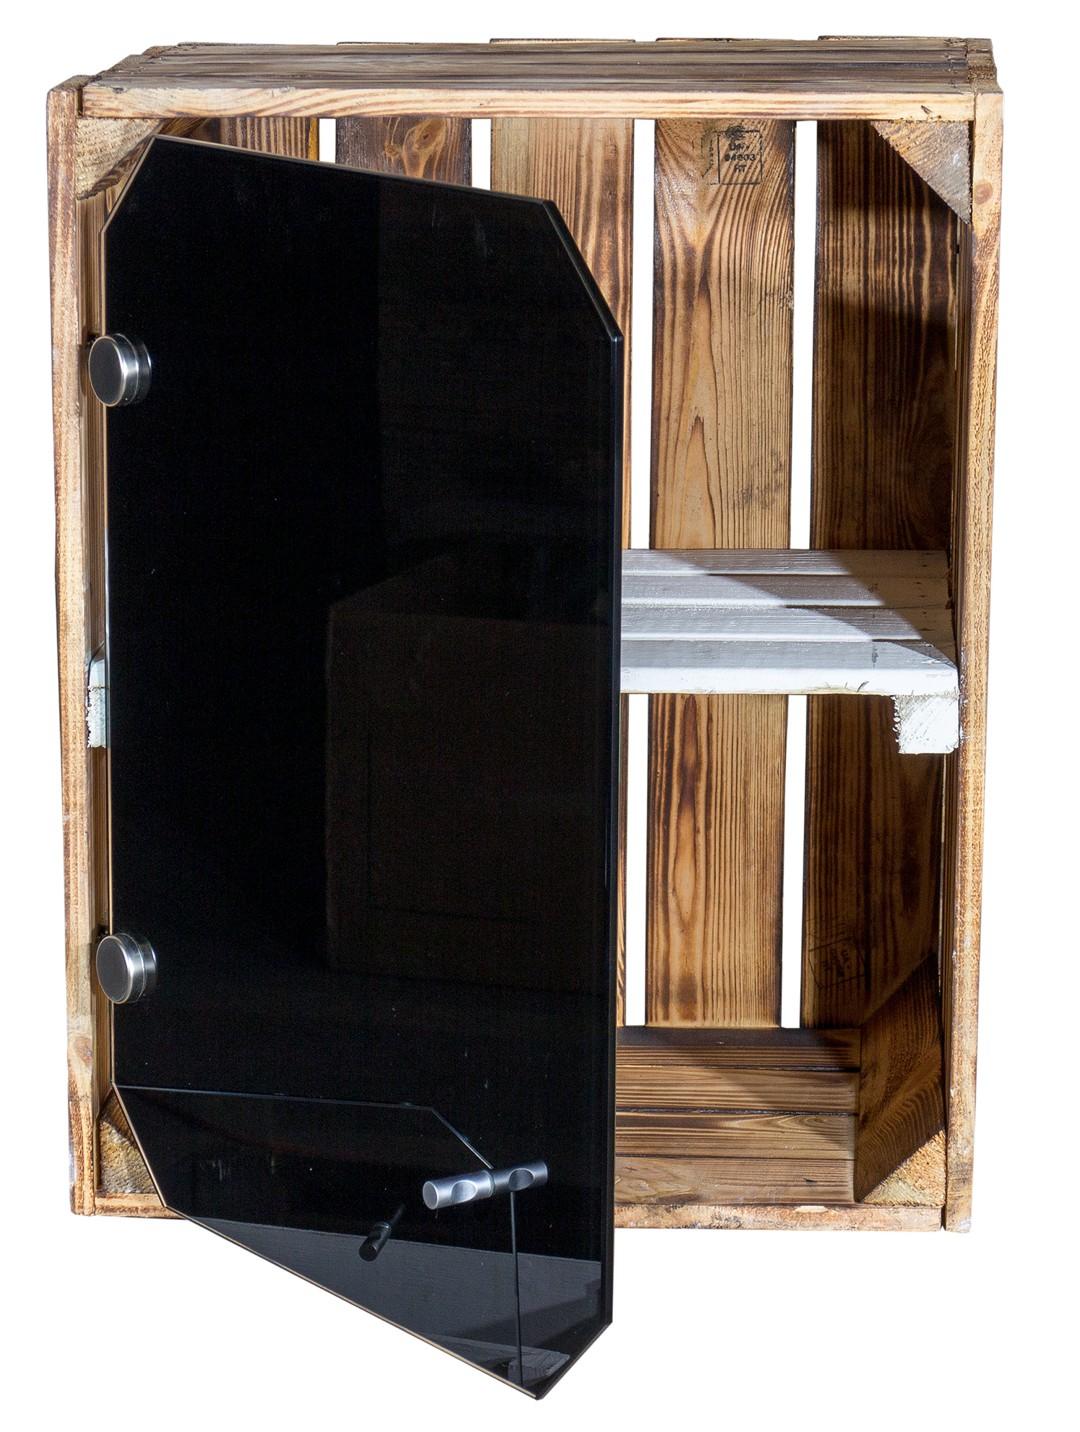 holzkisten neue geflammte apfelkiste altes land mit glast r schwarz und wei em mittelbrett. Black Bedroom Furniture Sets. Home Design Ideas